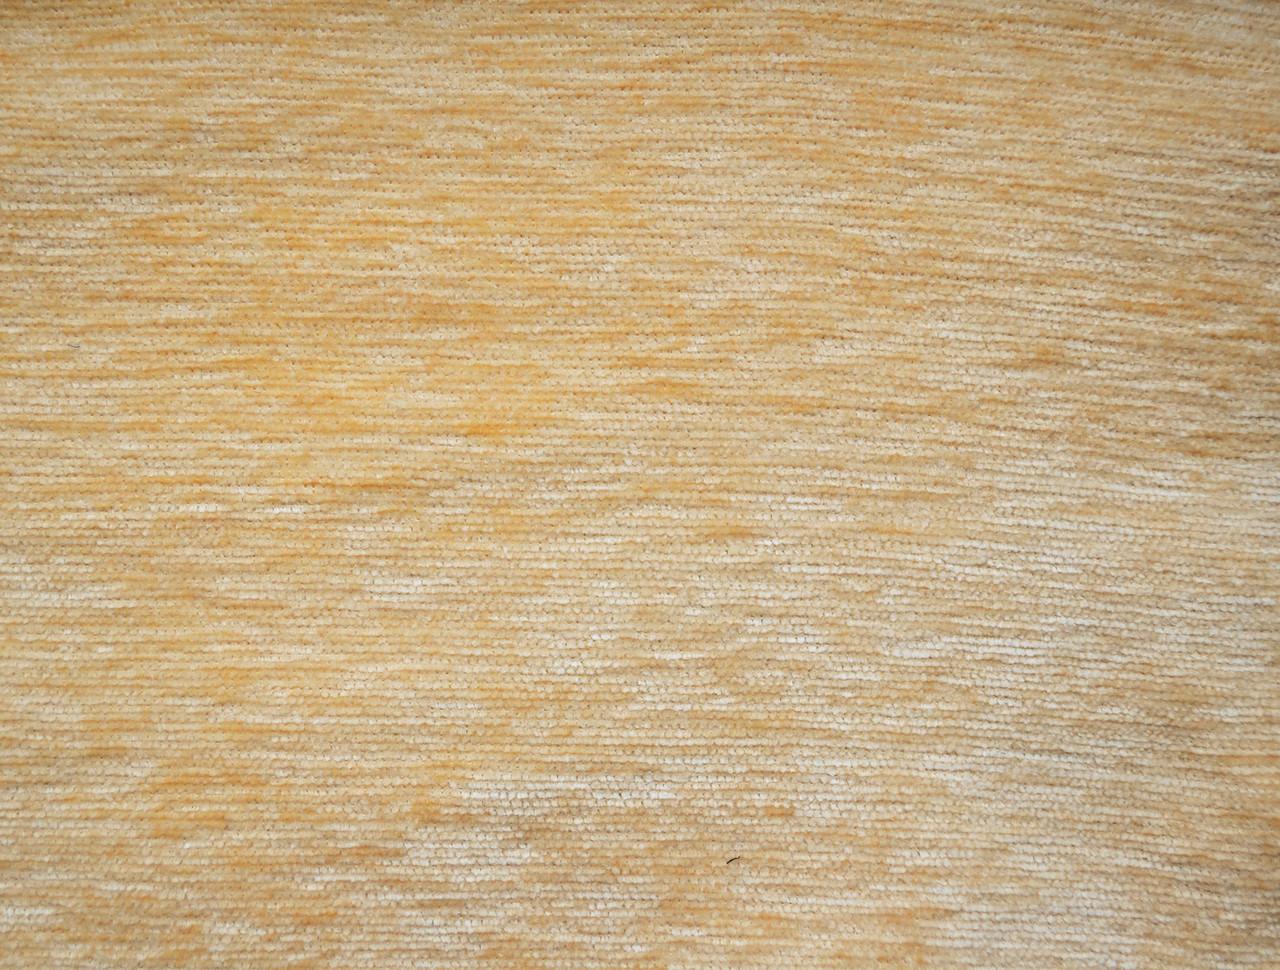 Мебельная ткань Cot. 21% Захра X беж